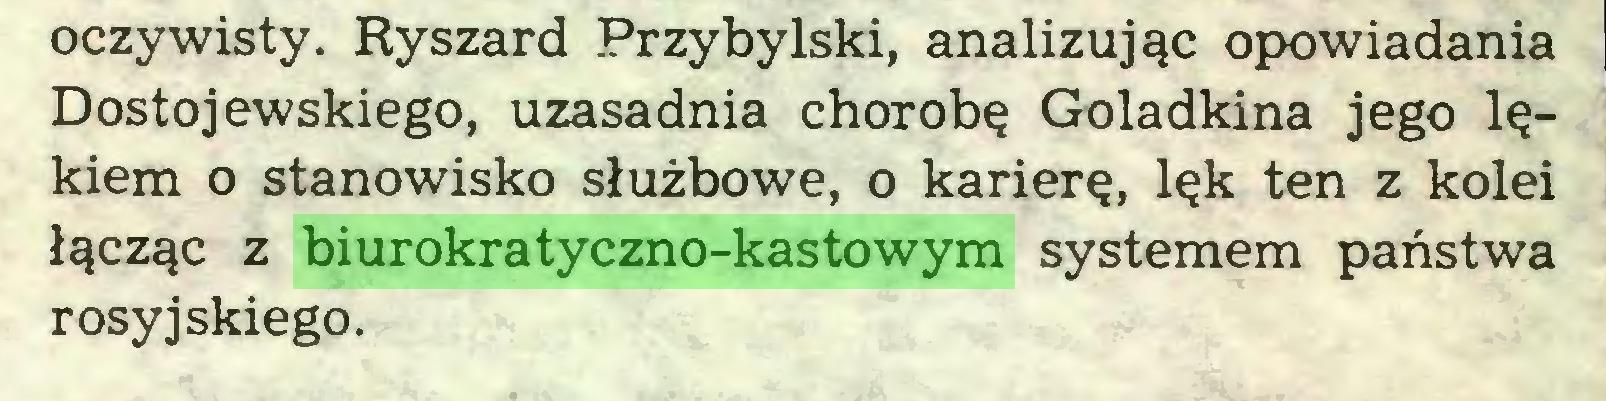 (...) oczywisty. Ryszard Przybylski, analizując opowiadania Dostojewskiego, uzasadnia chorobę Goladkina jego lękiem o stanowisko służbowe, o karierę, lęk ten z kolei łącząc z biurokratyczno-kastowym systemem państwa rosyjskiego...